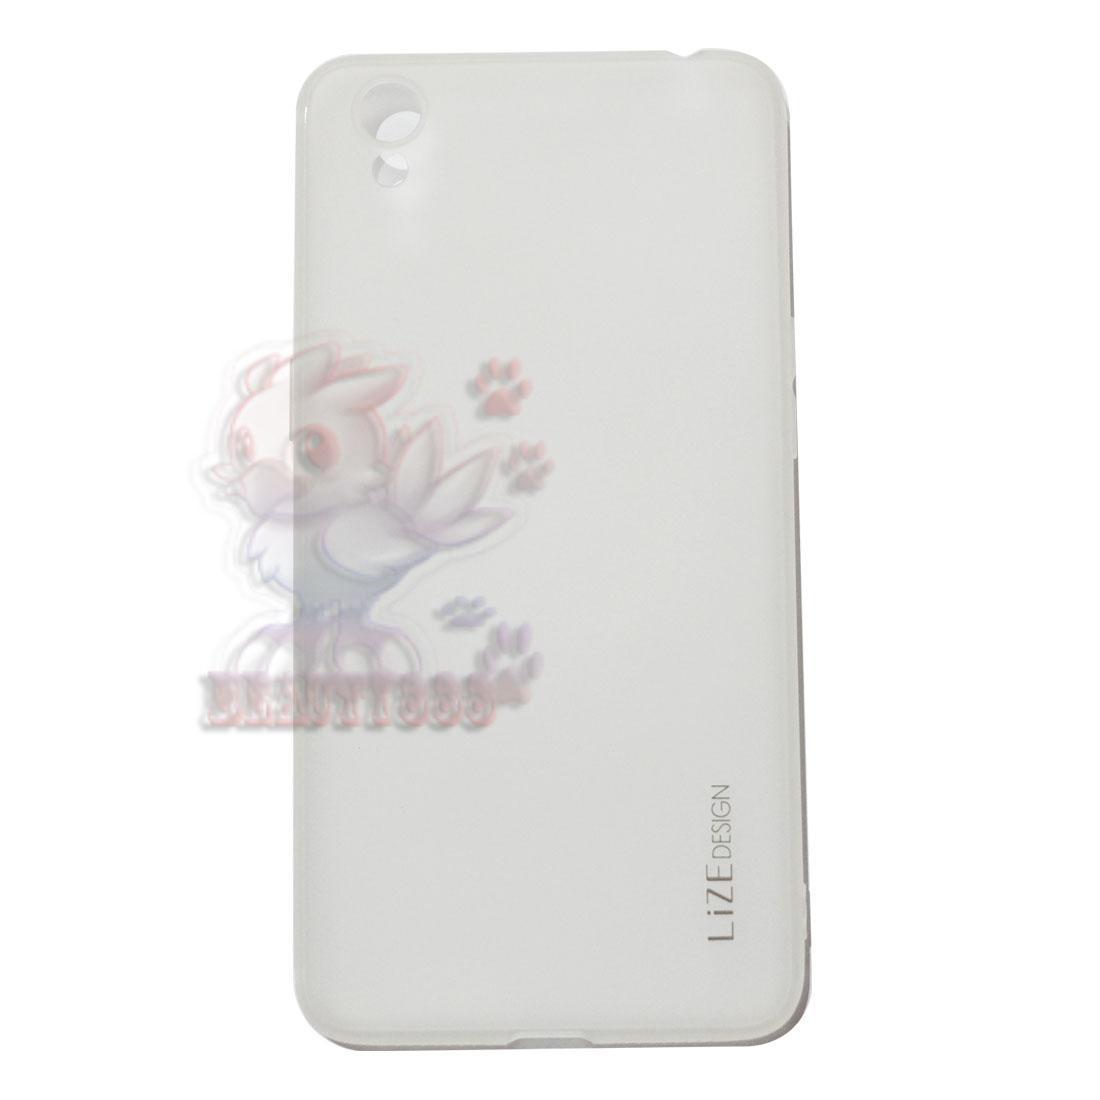 ... OPPO A37 NEO 9 Multicolor Source Lize Xiaomi Redmi 4A Silicone Soft Back Case TPU Phone